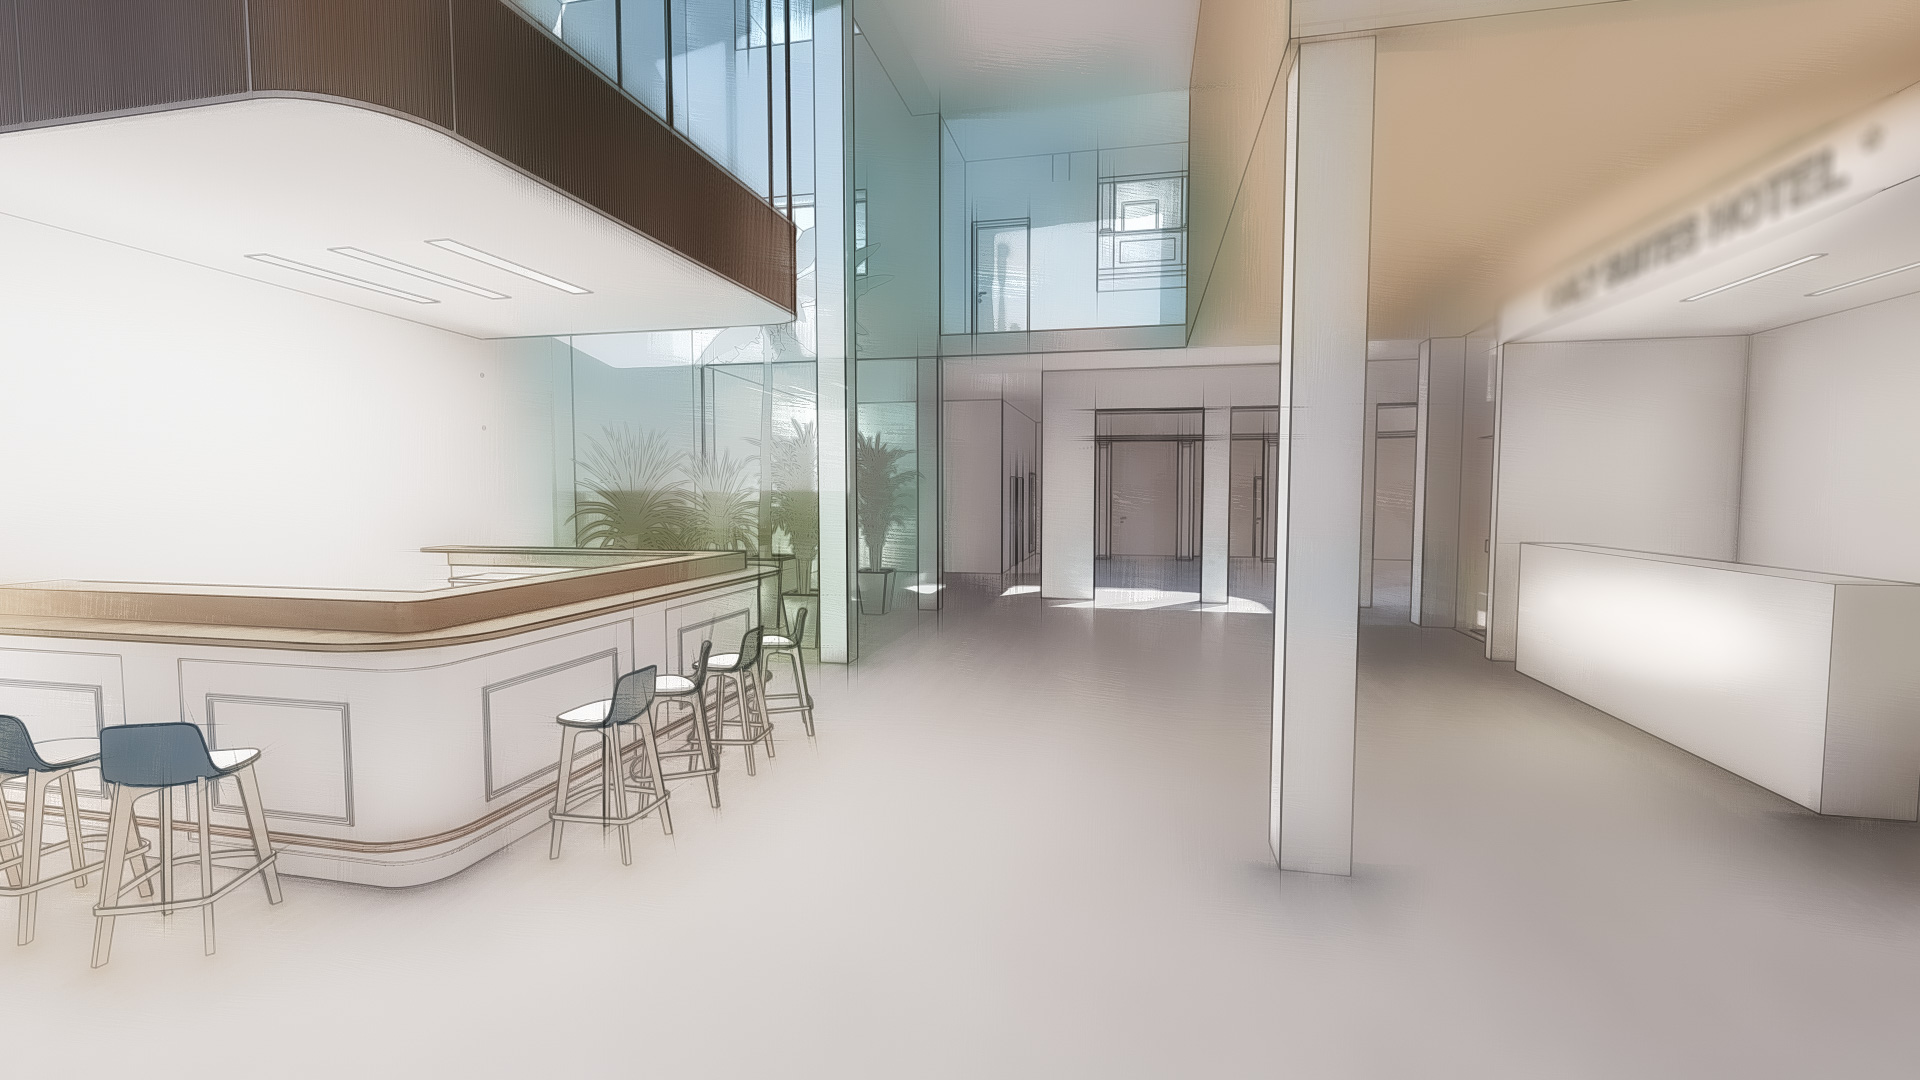 Anteproyecto de rehabilitación de edificio para hotel